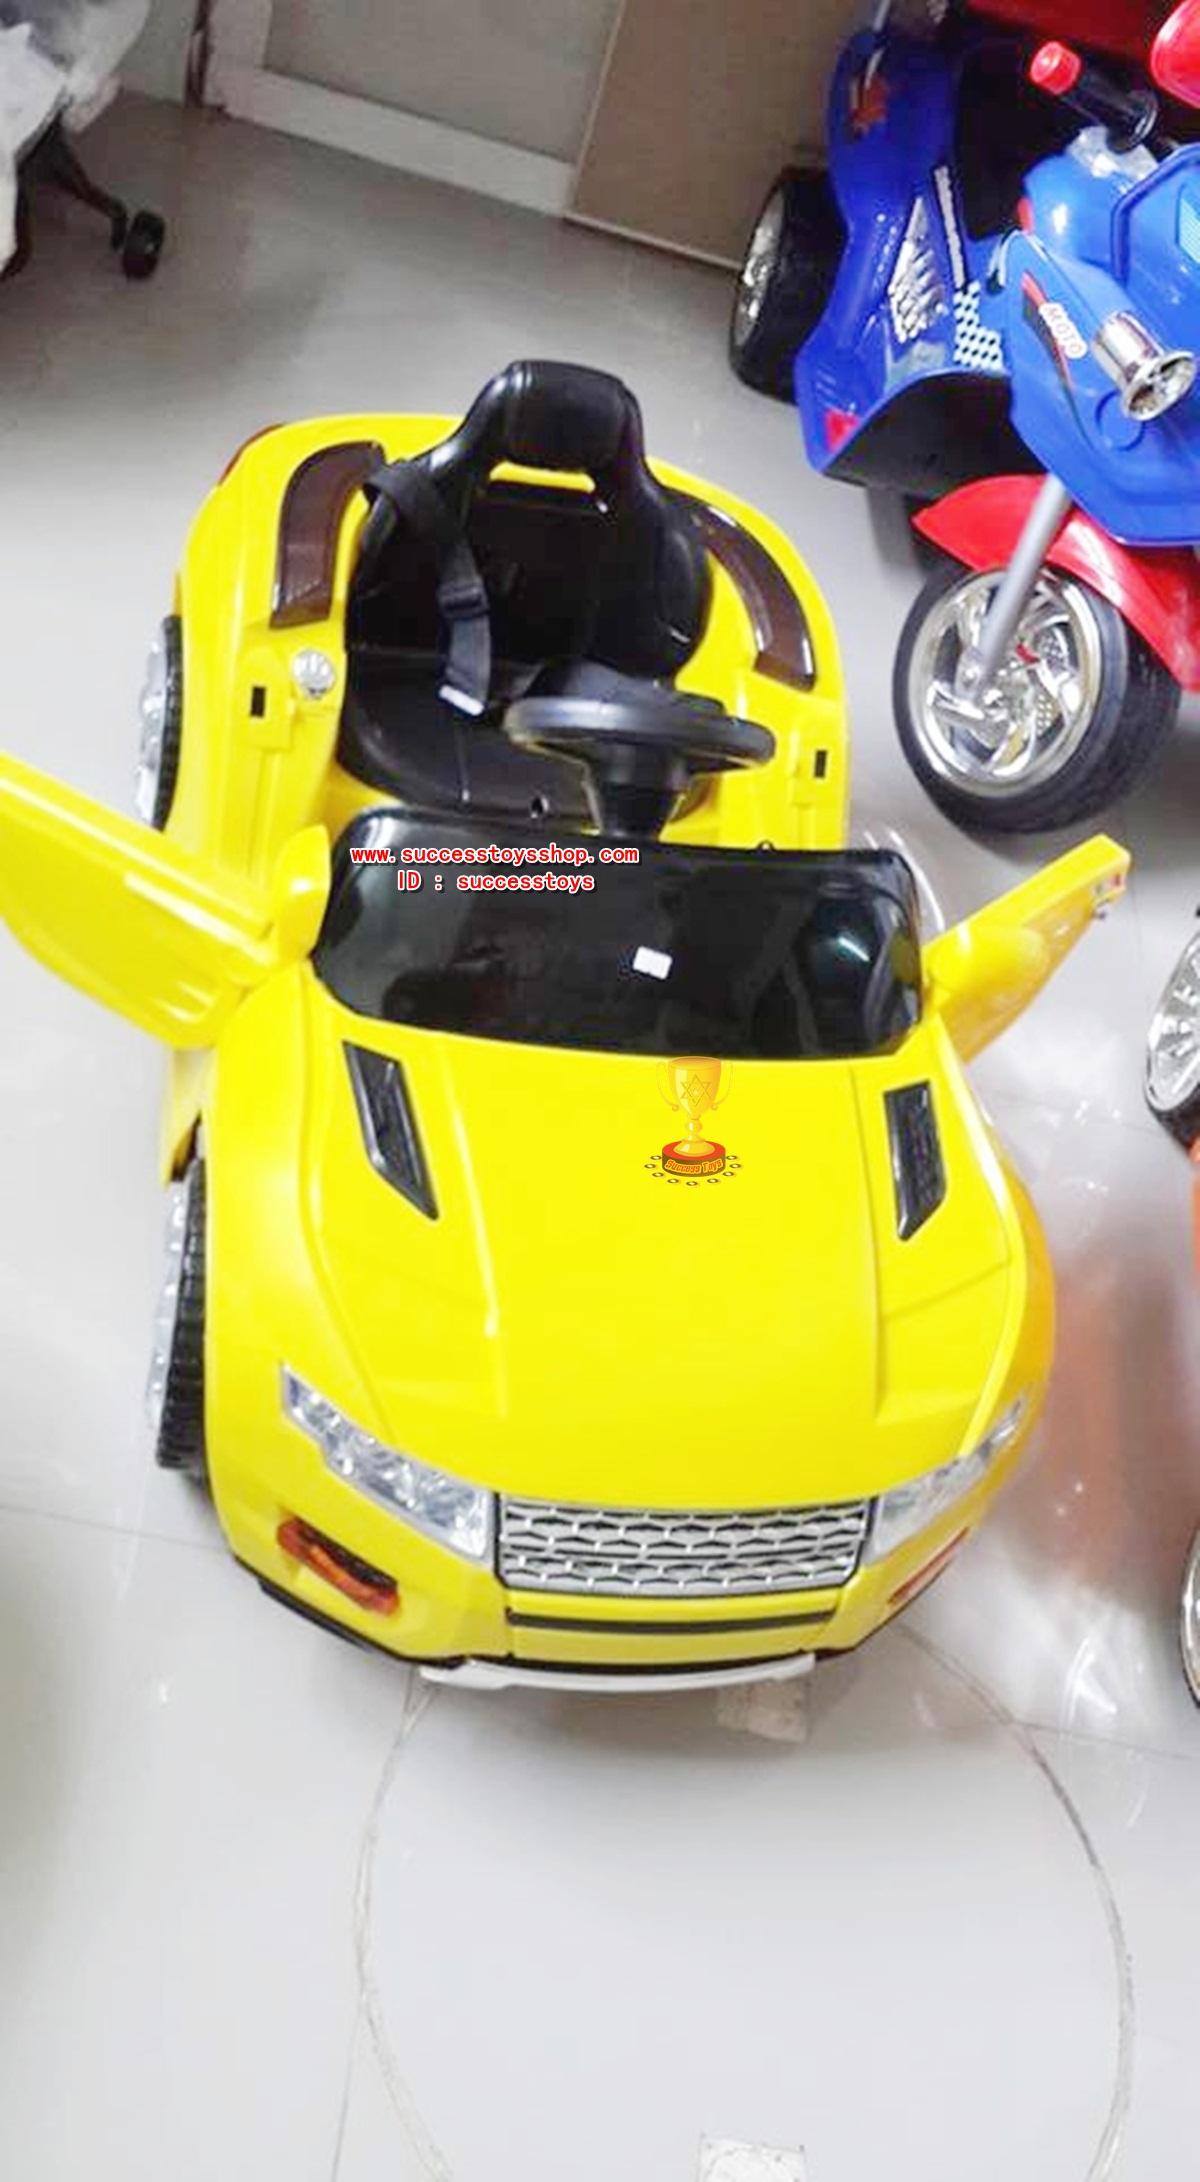 รถแบตเตอรี่เด็กนั่ง รุ่น 3163 ยี่ห้อแลนโรเวอร์ มี 4 สี ดำ ขาว เหลือง แดง